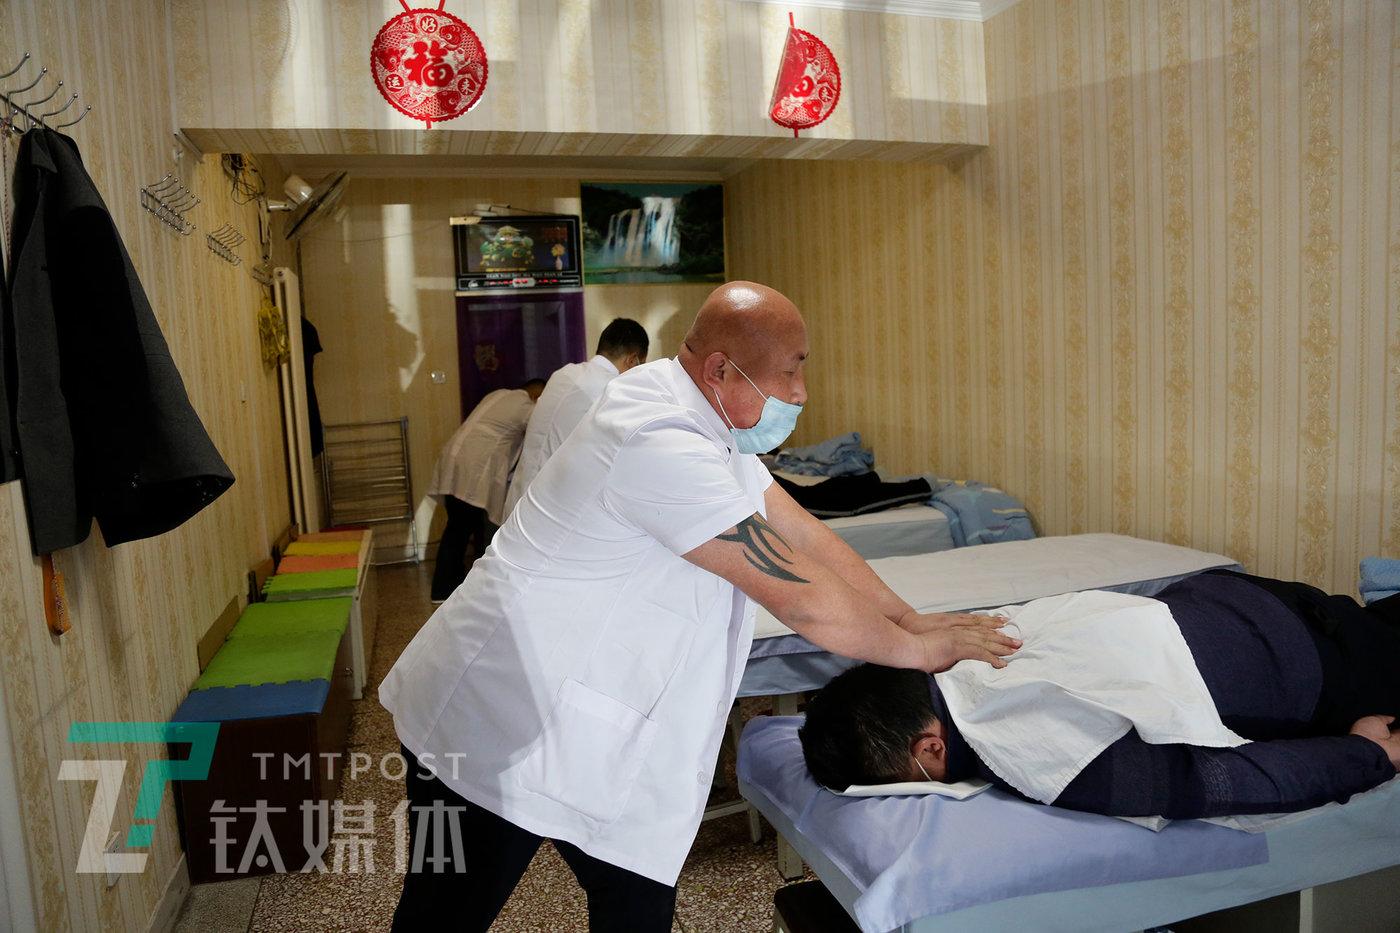 4月22日,北京,鑫缘堂盲人按摩店。